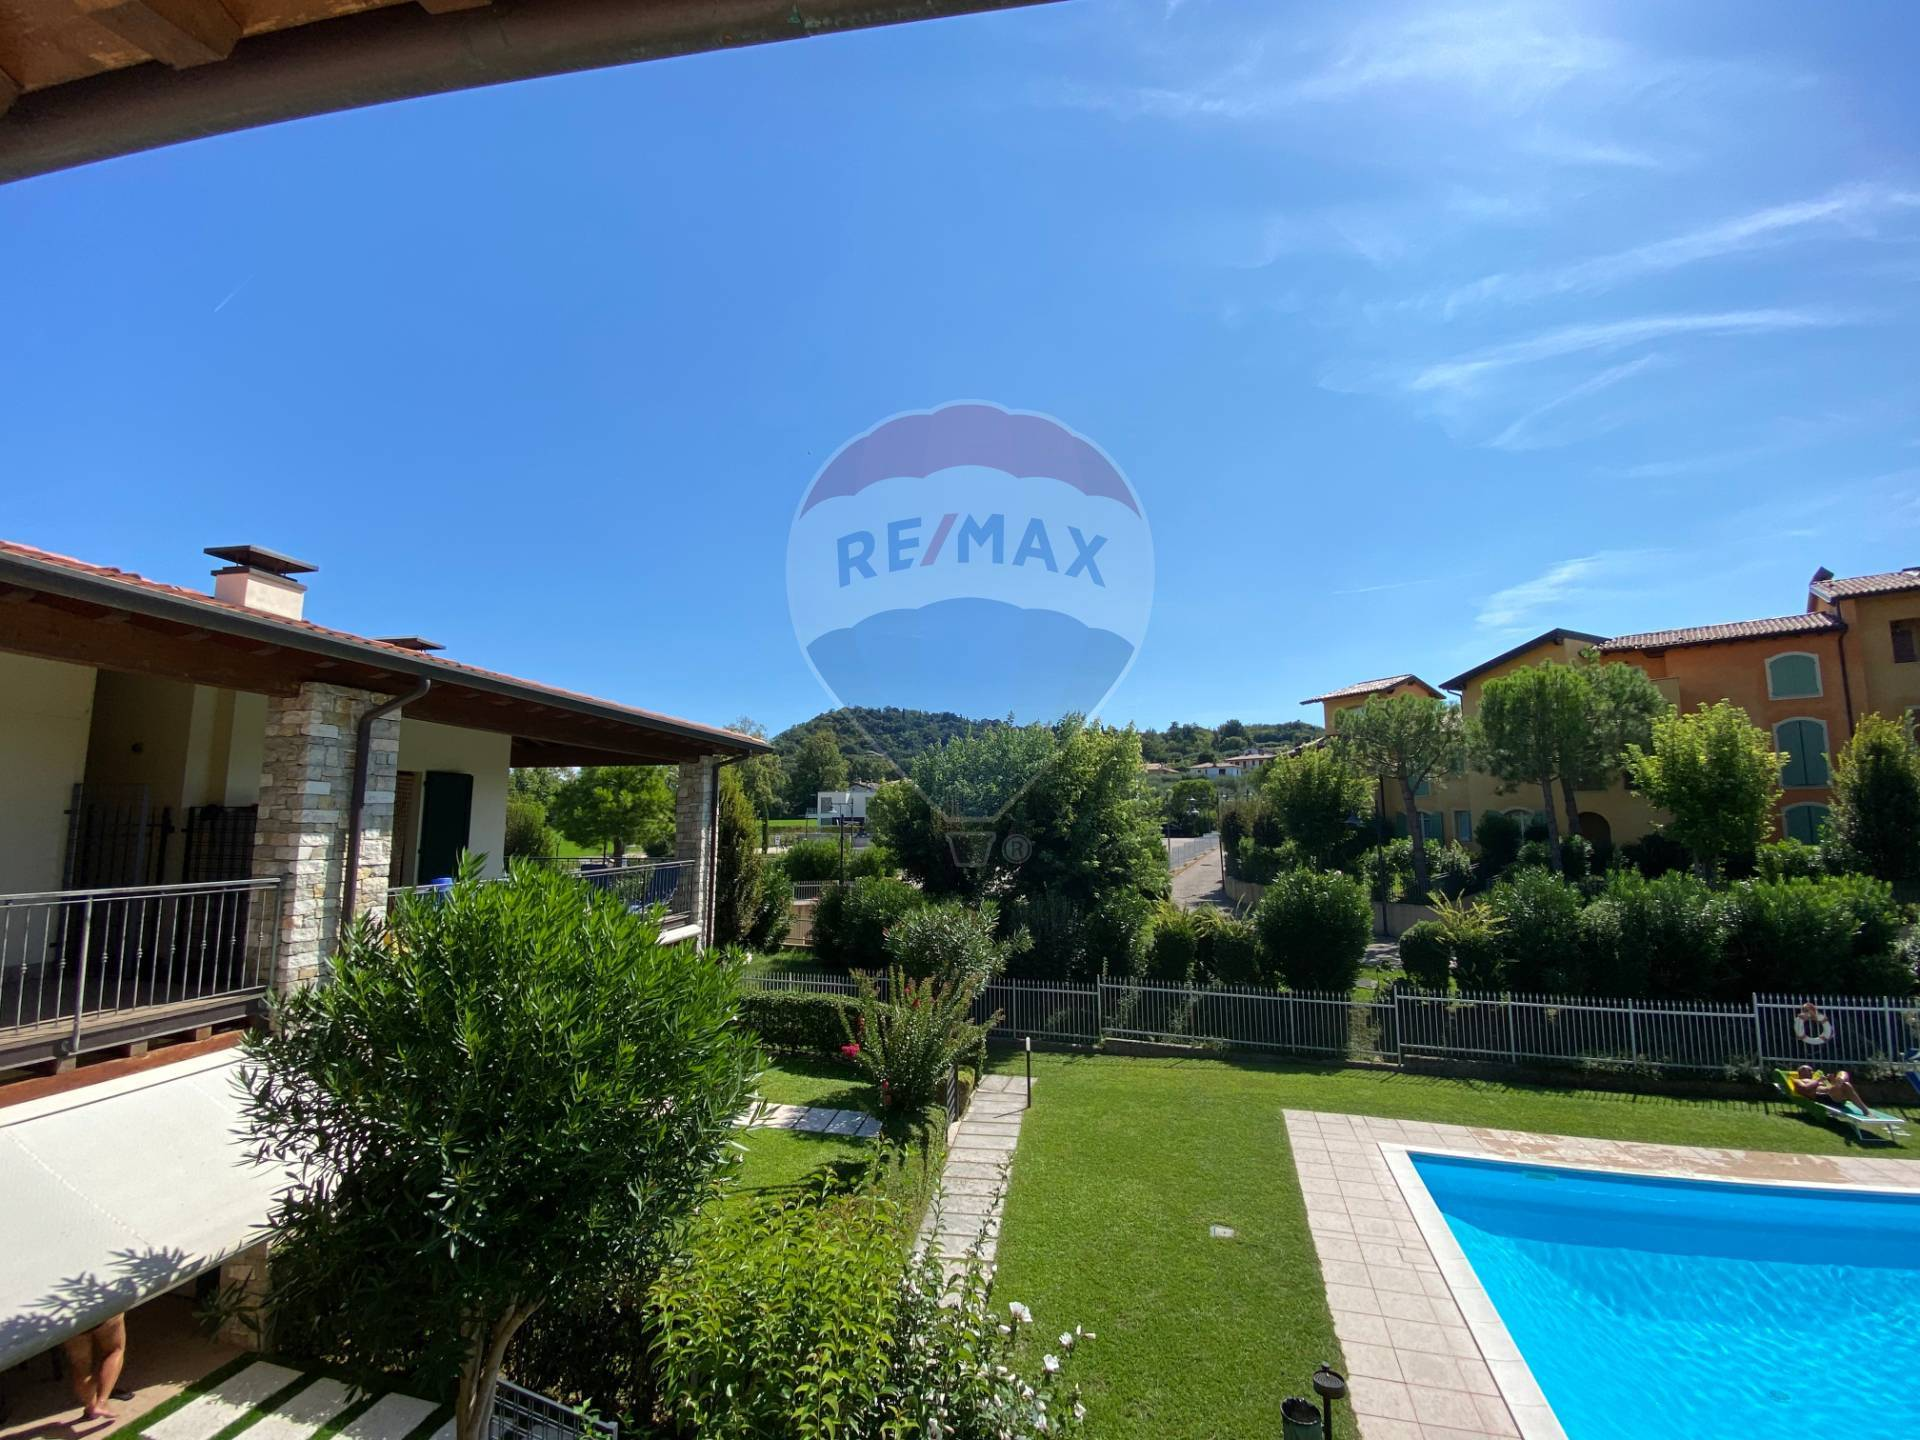 Appartamento in vendita a Manerba del Garda, 3 locali, prezzo € 210.000 | CambioCasa.it